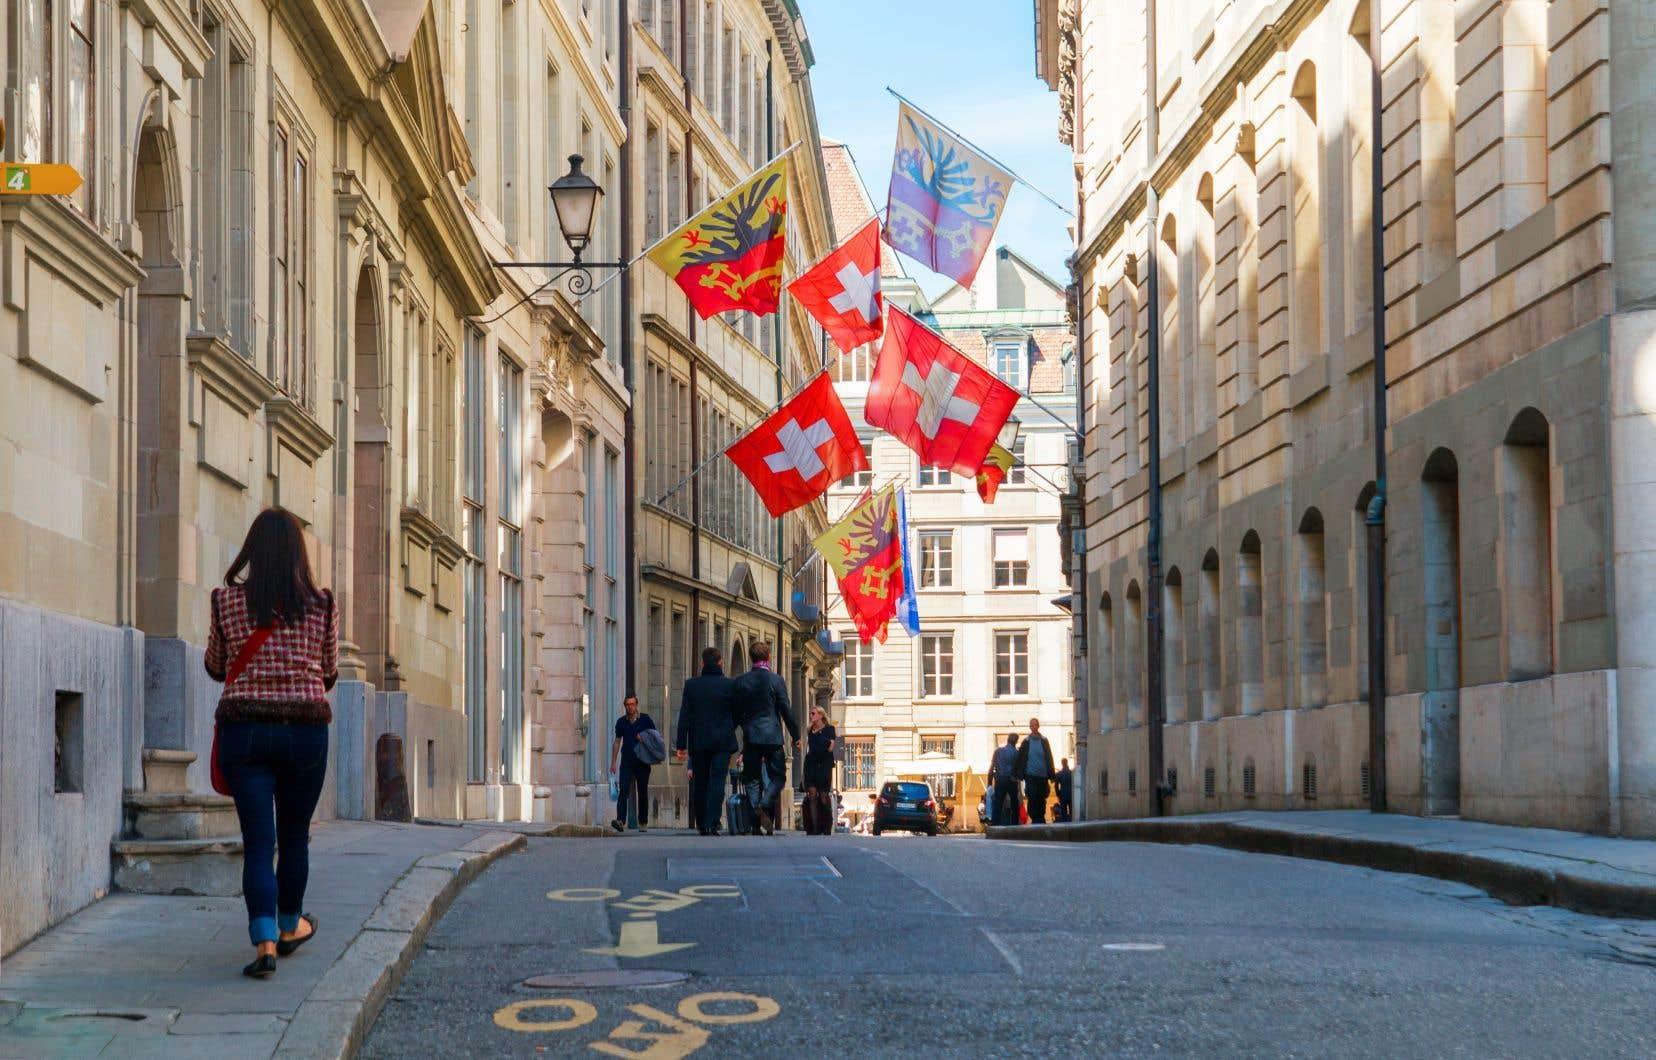 La Suisse avait adopté une réforme fiscale en octobre 2018, mais sa mise en oeuvre et son entrée en vigueur avaient été retardées.